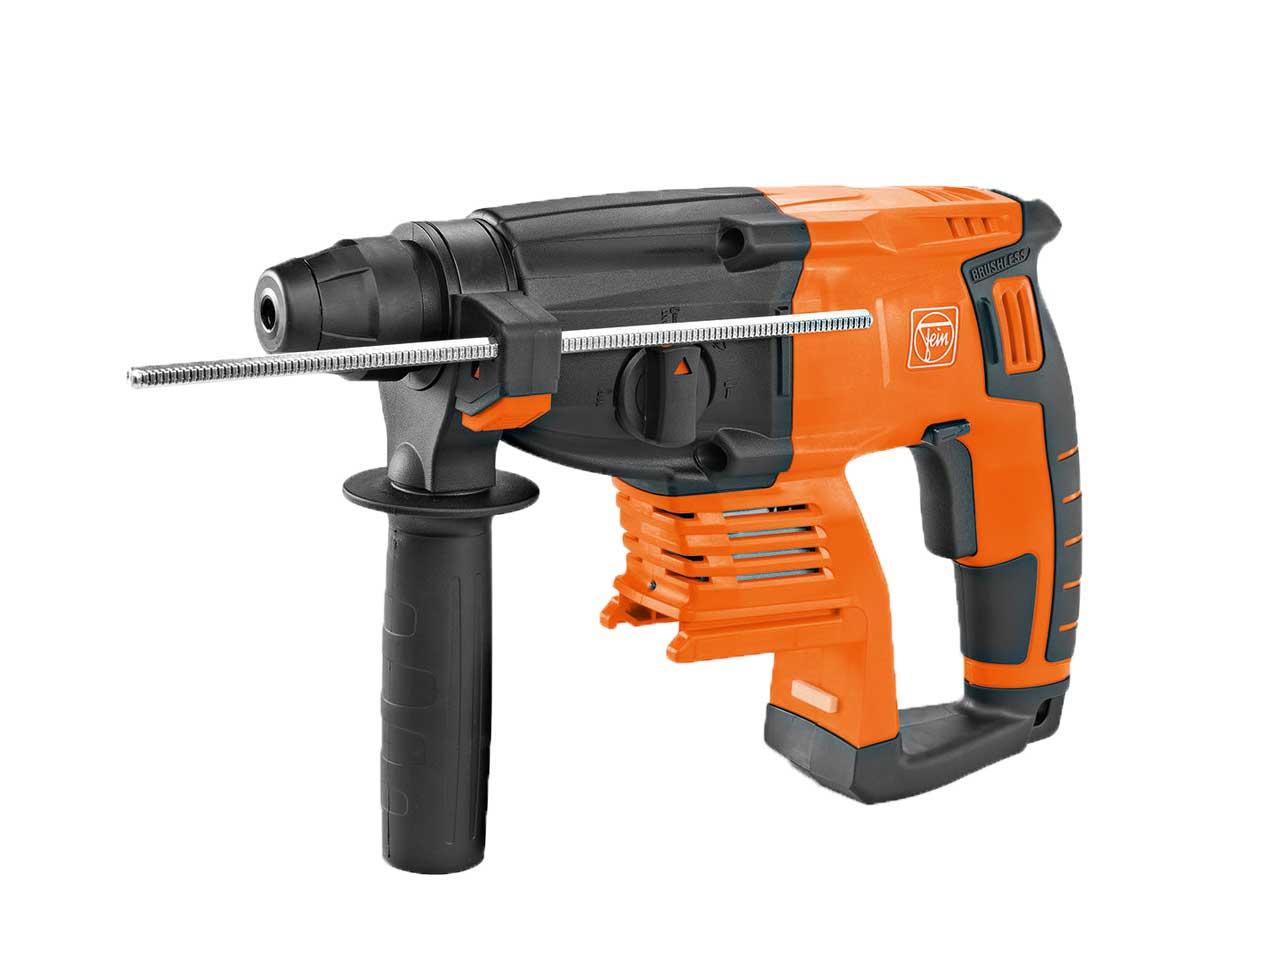 Fein Abh18 Select 18v 3 Mode Brushless Sds Plus Hammer Drill Body Only